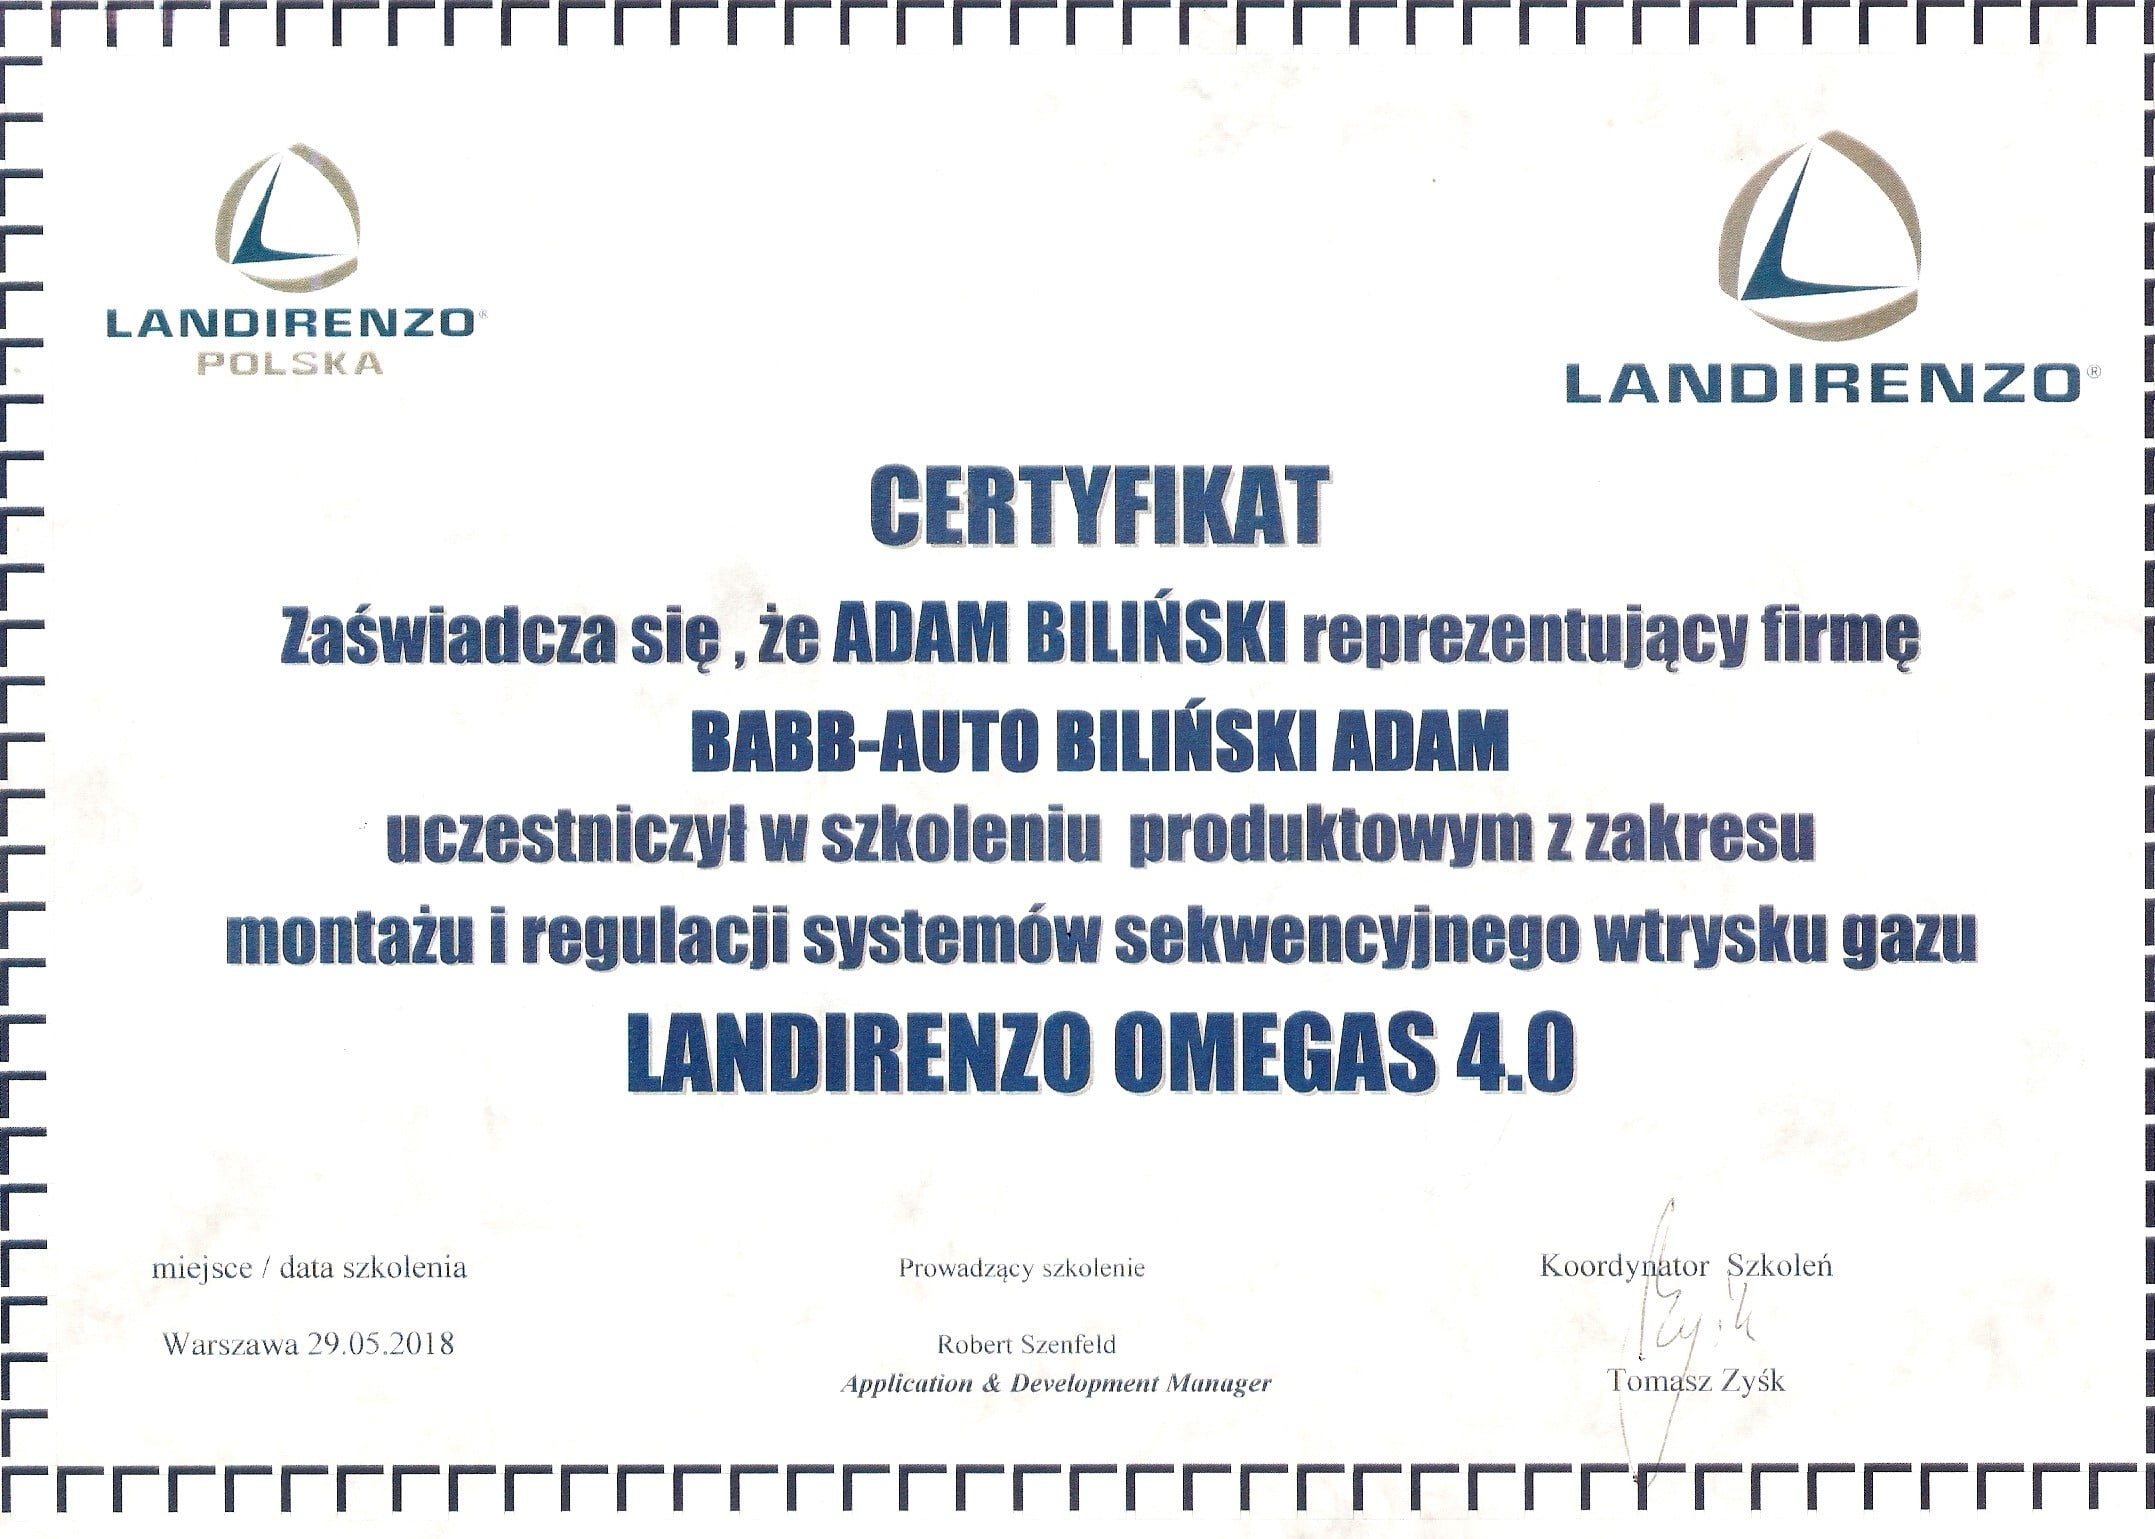 montaż i regulacja systemów sekwencyjnego wtrysku gazu Landi Renzo Omegas 4.0